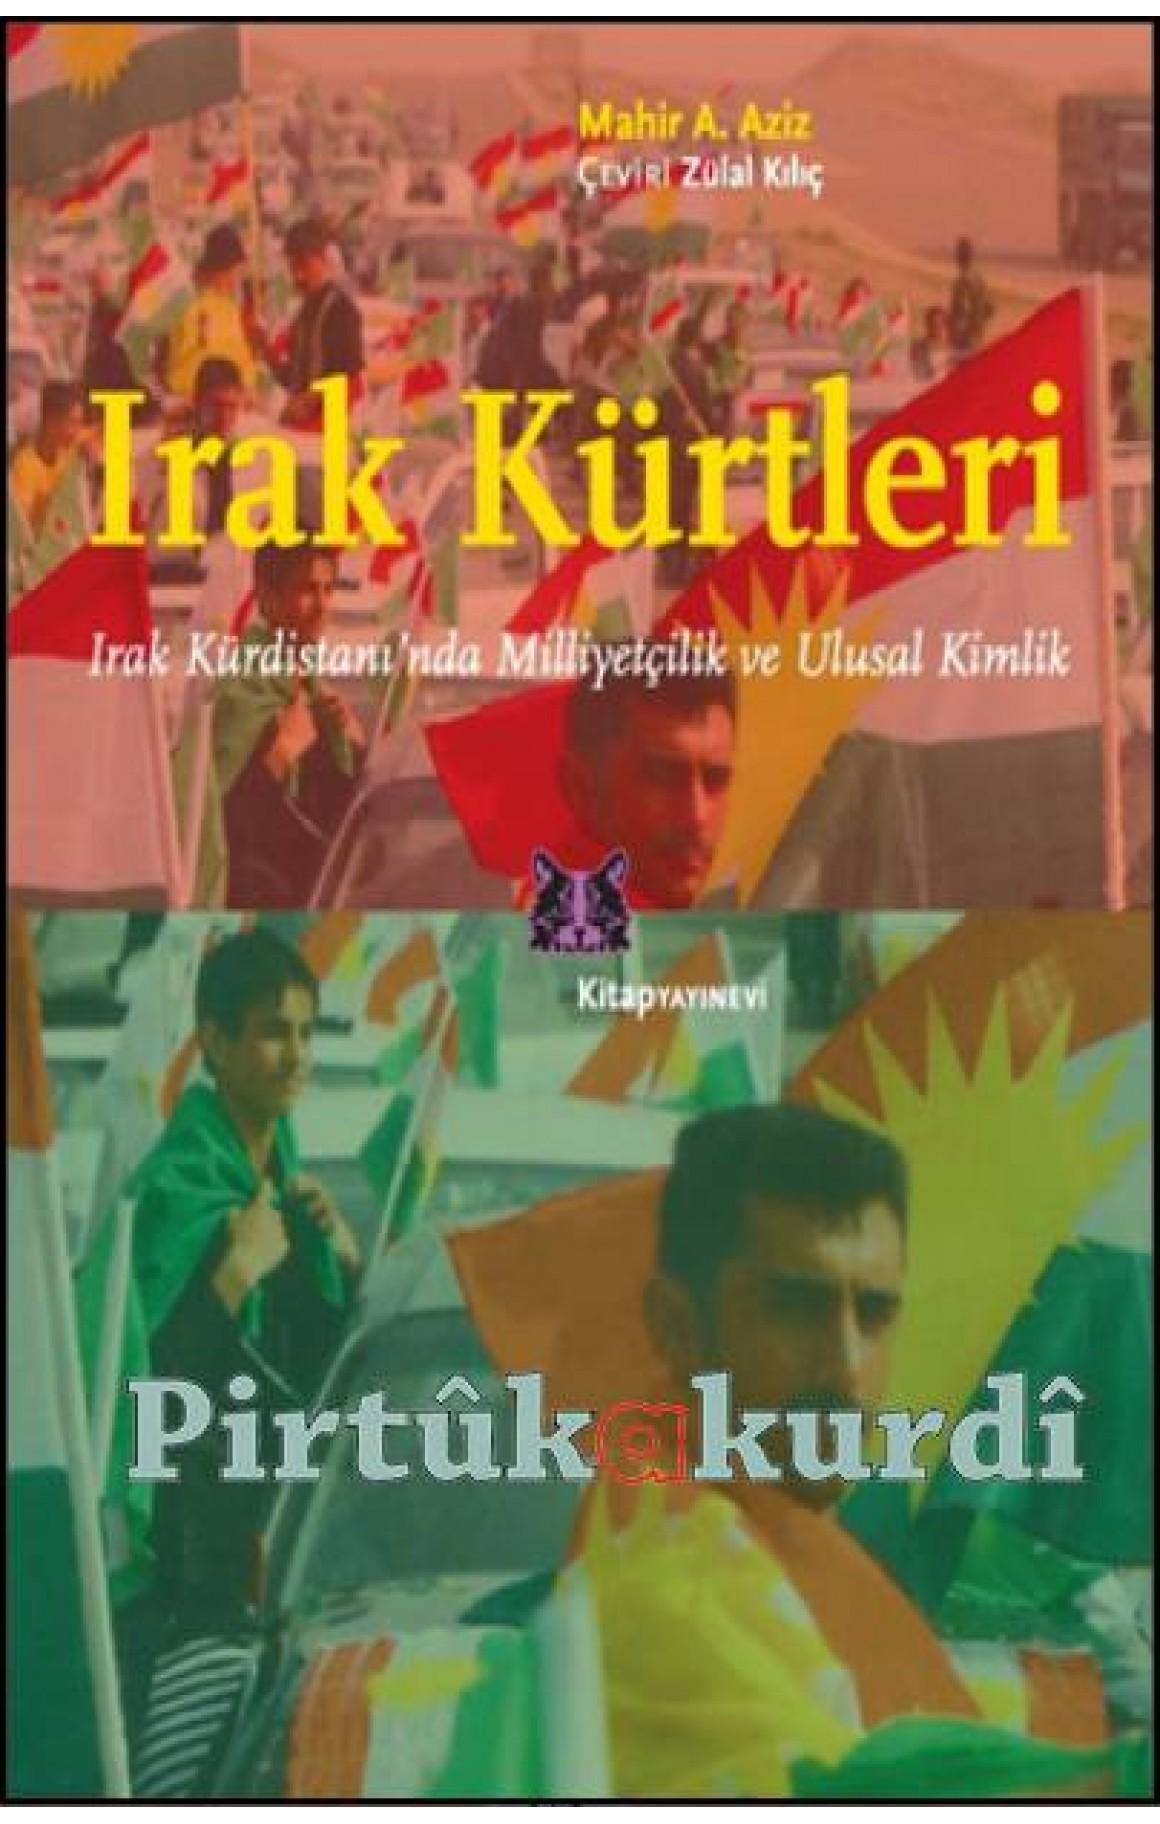 Irak Kürtleri&Irak Kürdistanı'nda Milliyetçilik ve Ulusal Kimlik